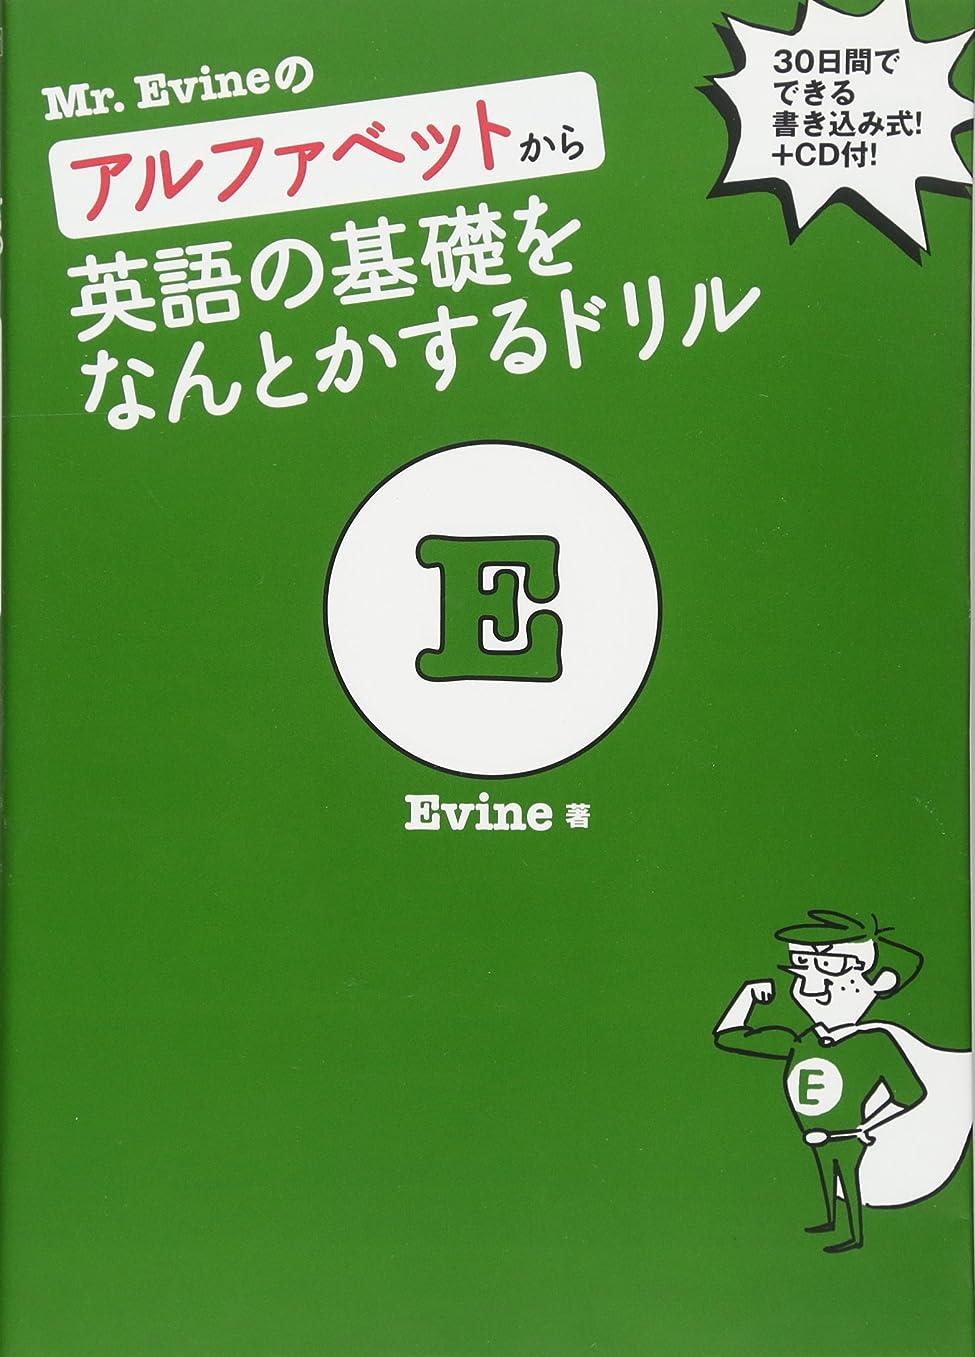 ナビゲーション資本主義おとこ【CD付】 Mr.Evineのアルファベットから英語の基礎をなんとかするドリル (Mr. Evine シリーズ)